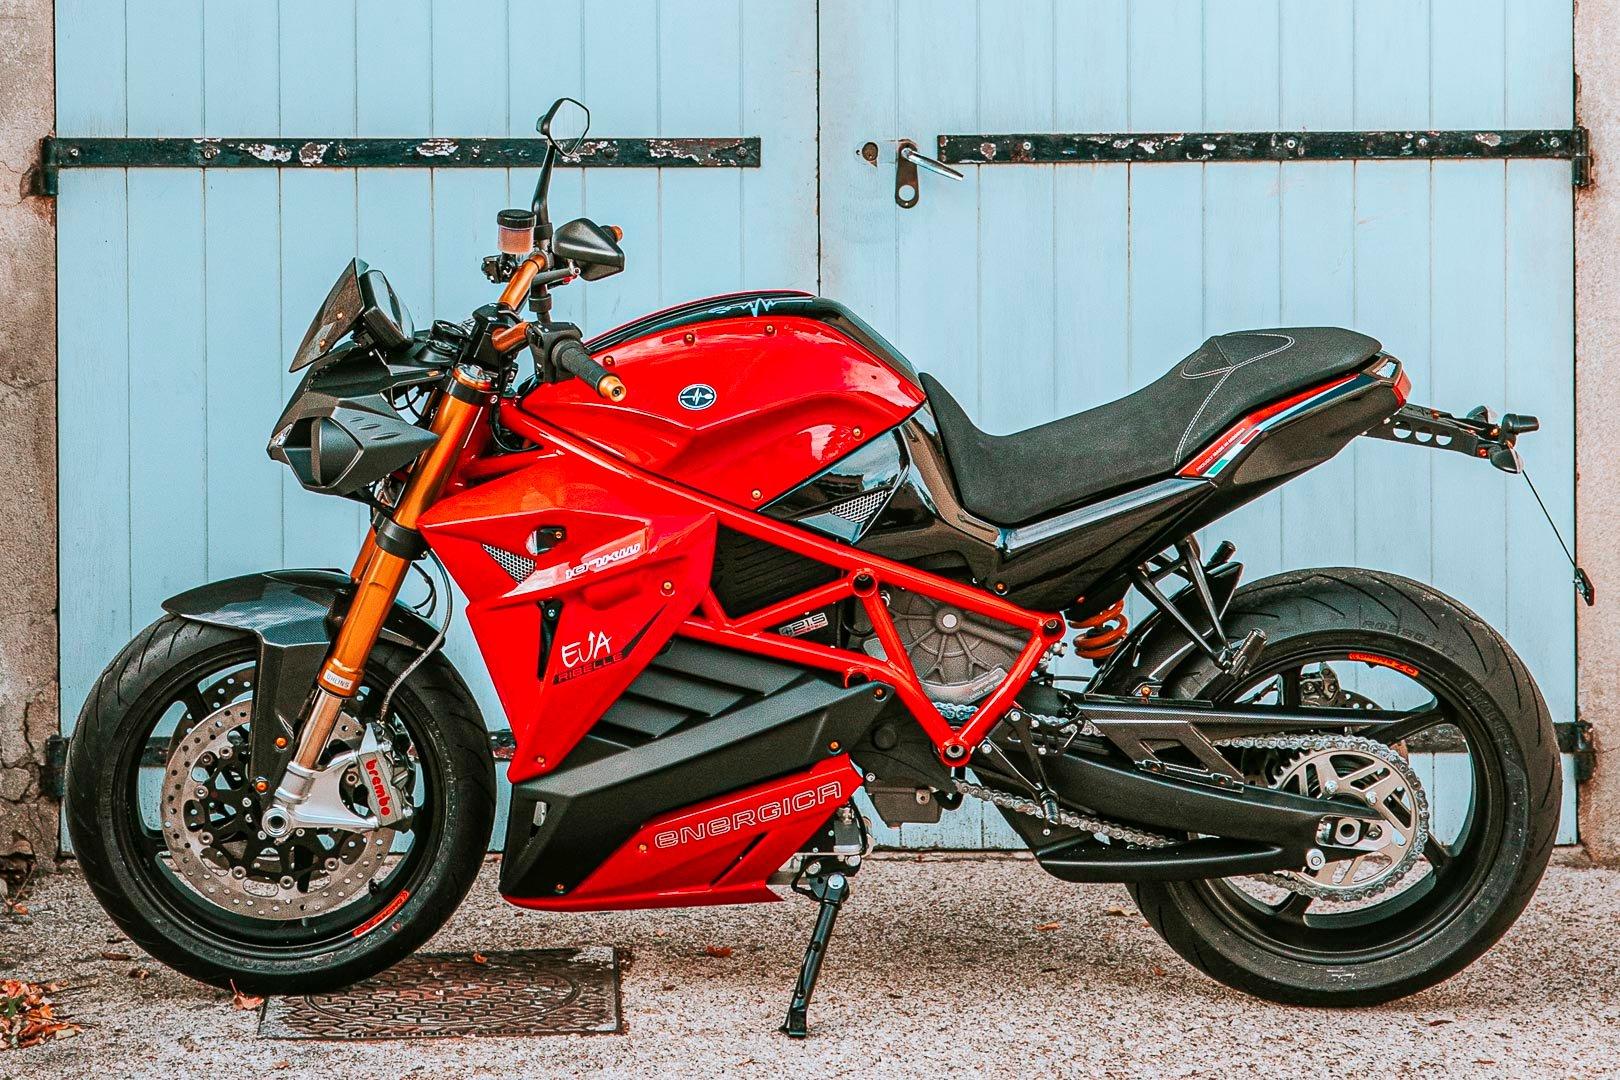 2020 Energica Eva Ribelle First Look: 250-Mile Range Electric Motorcycle